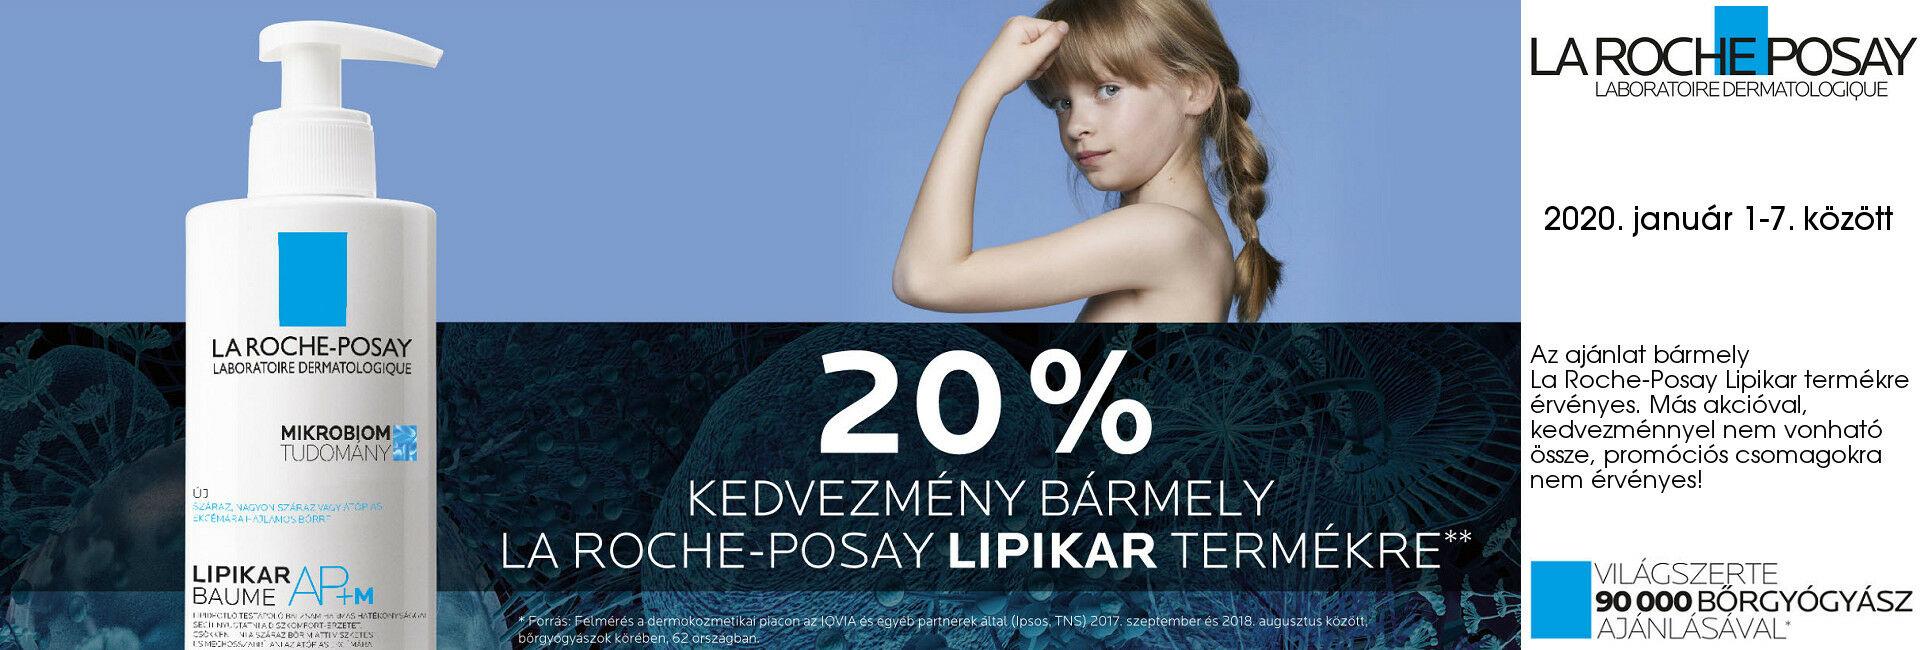 2020. január 1-7. között minden La Roche-Posay Lipikar terméket 20% kedvezménnyel kínálunk!